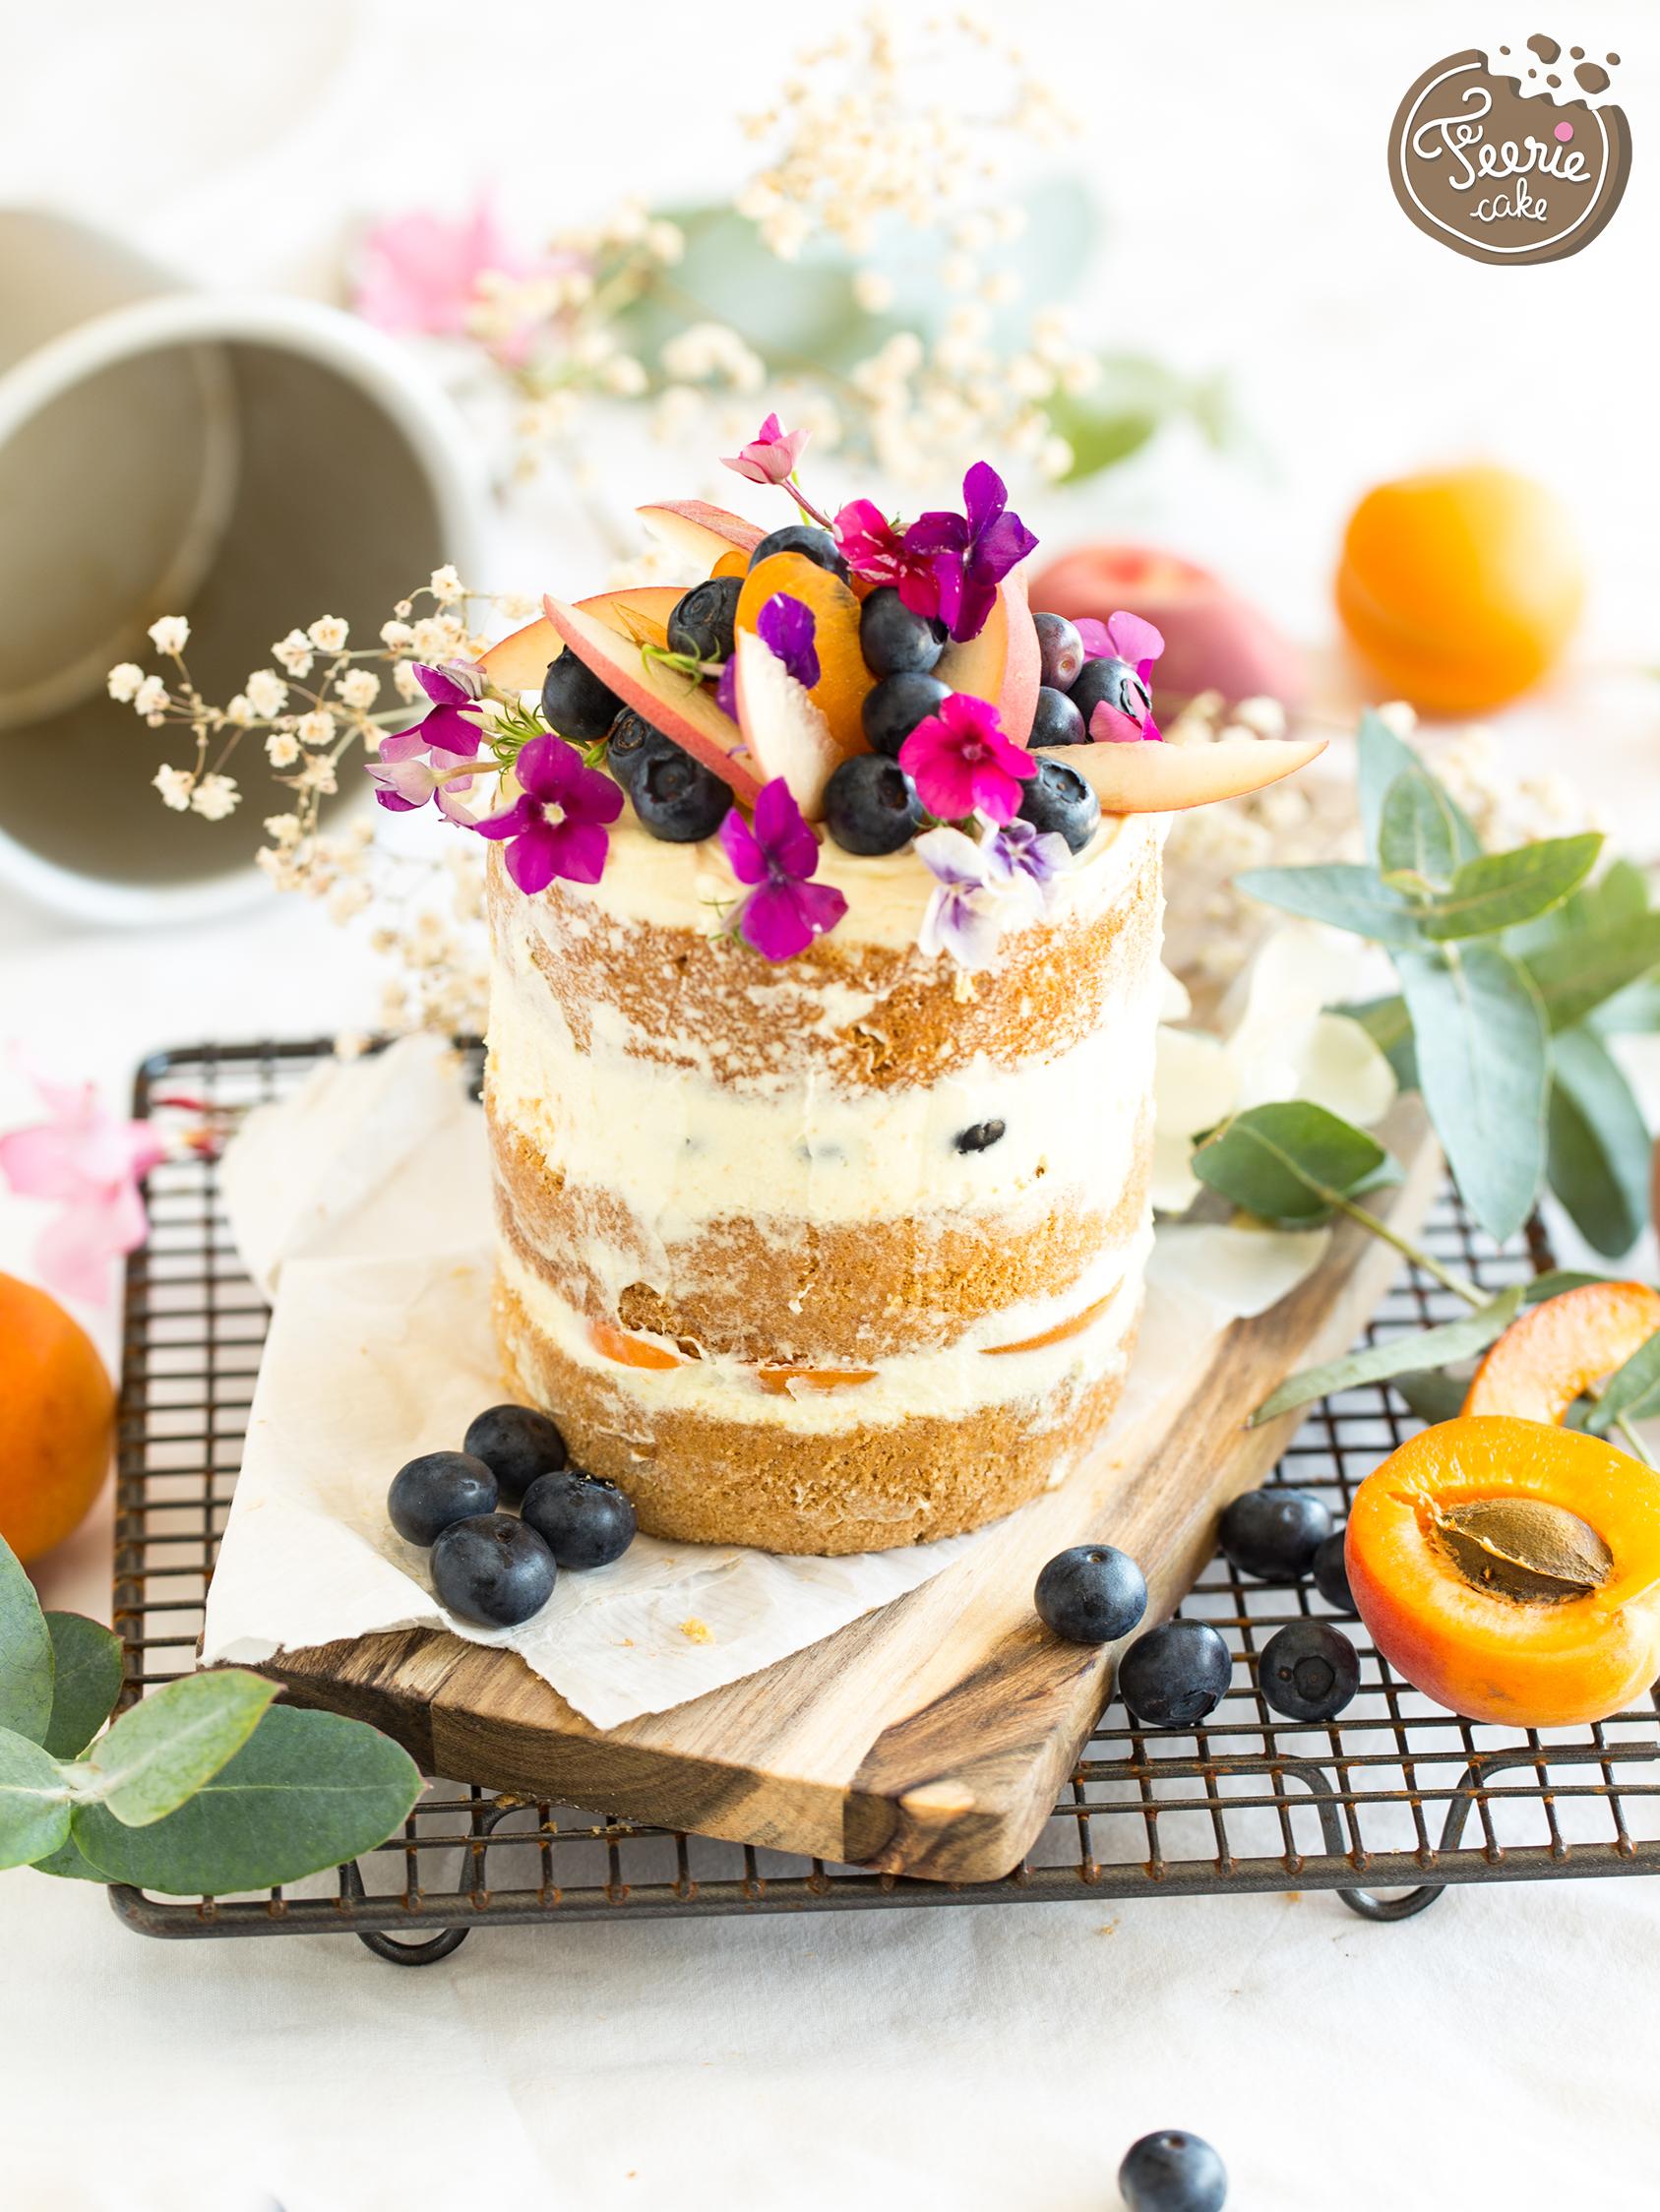 Naked Cake: Melhores receitas e segredos para fazer